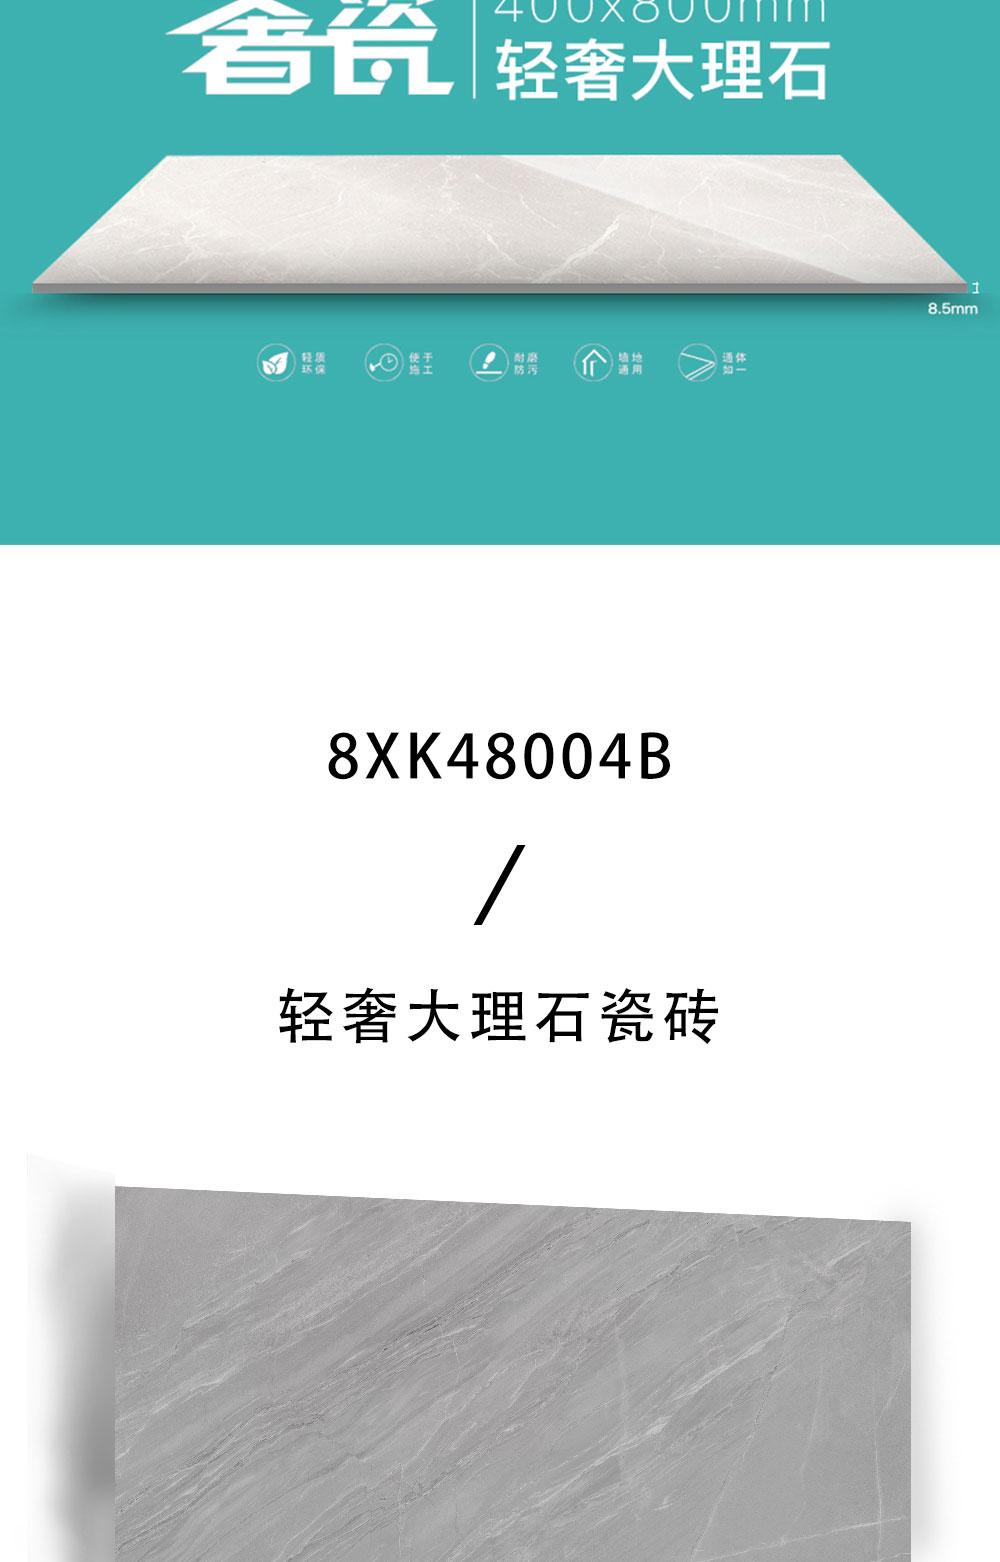 8XK48004B_02.jpg